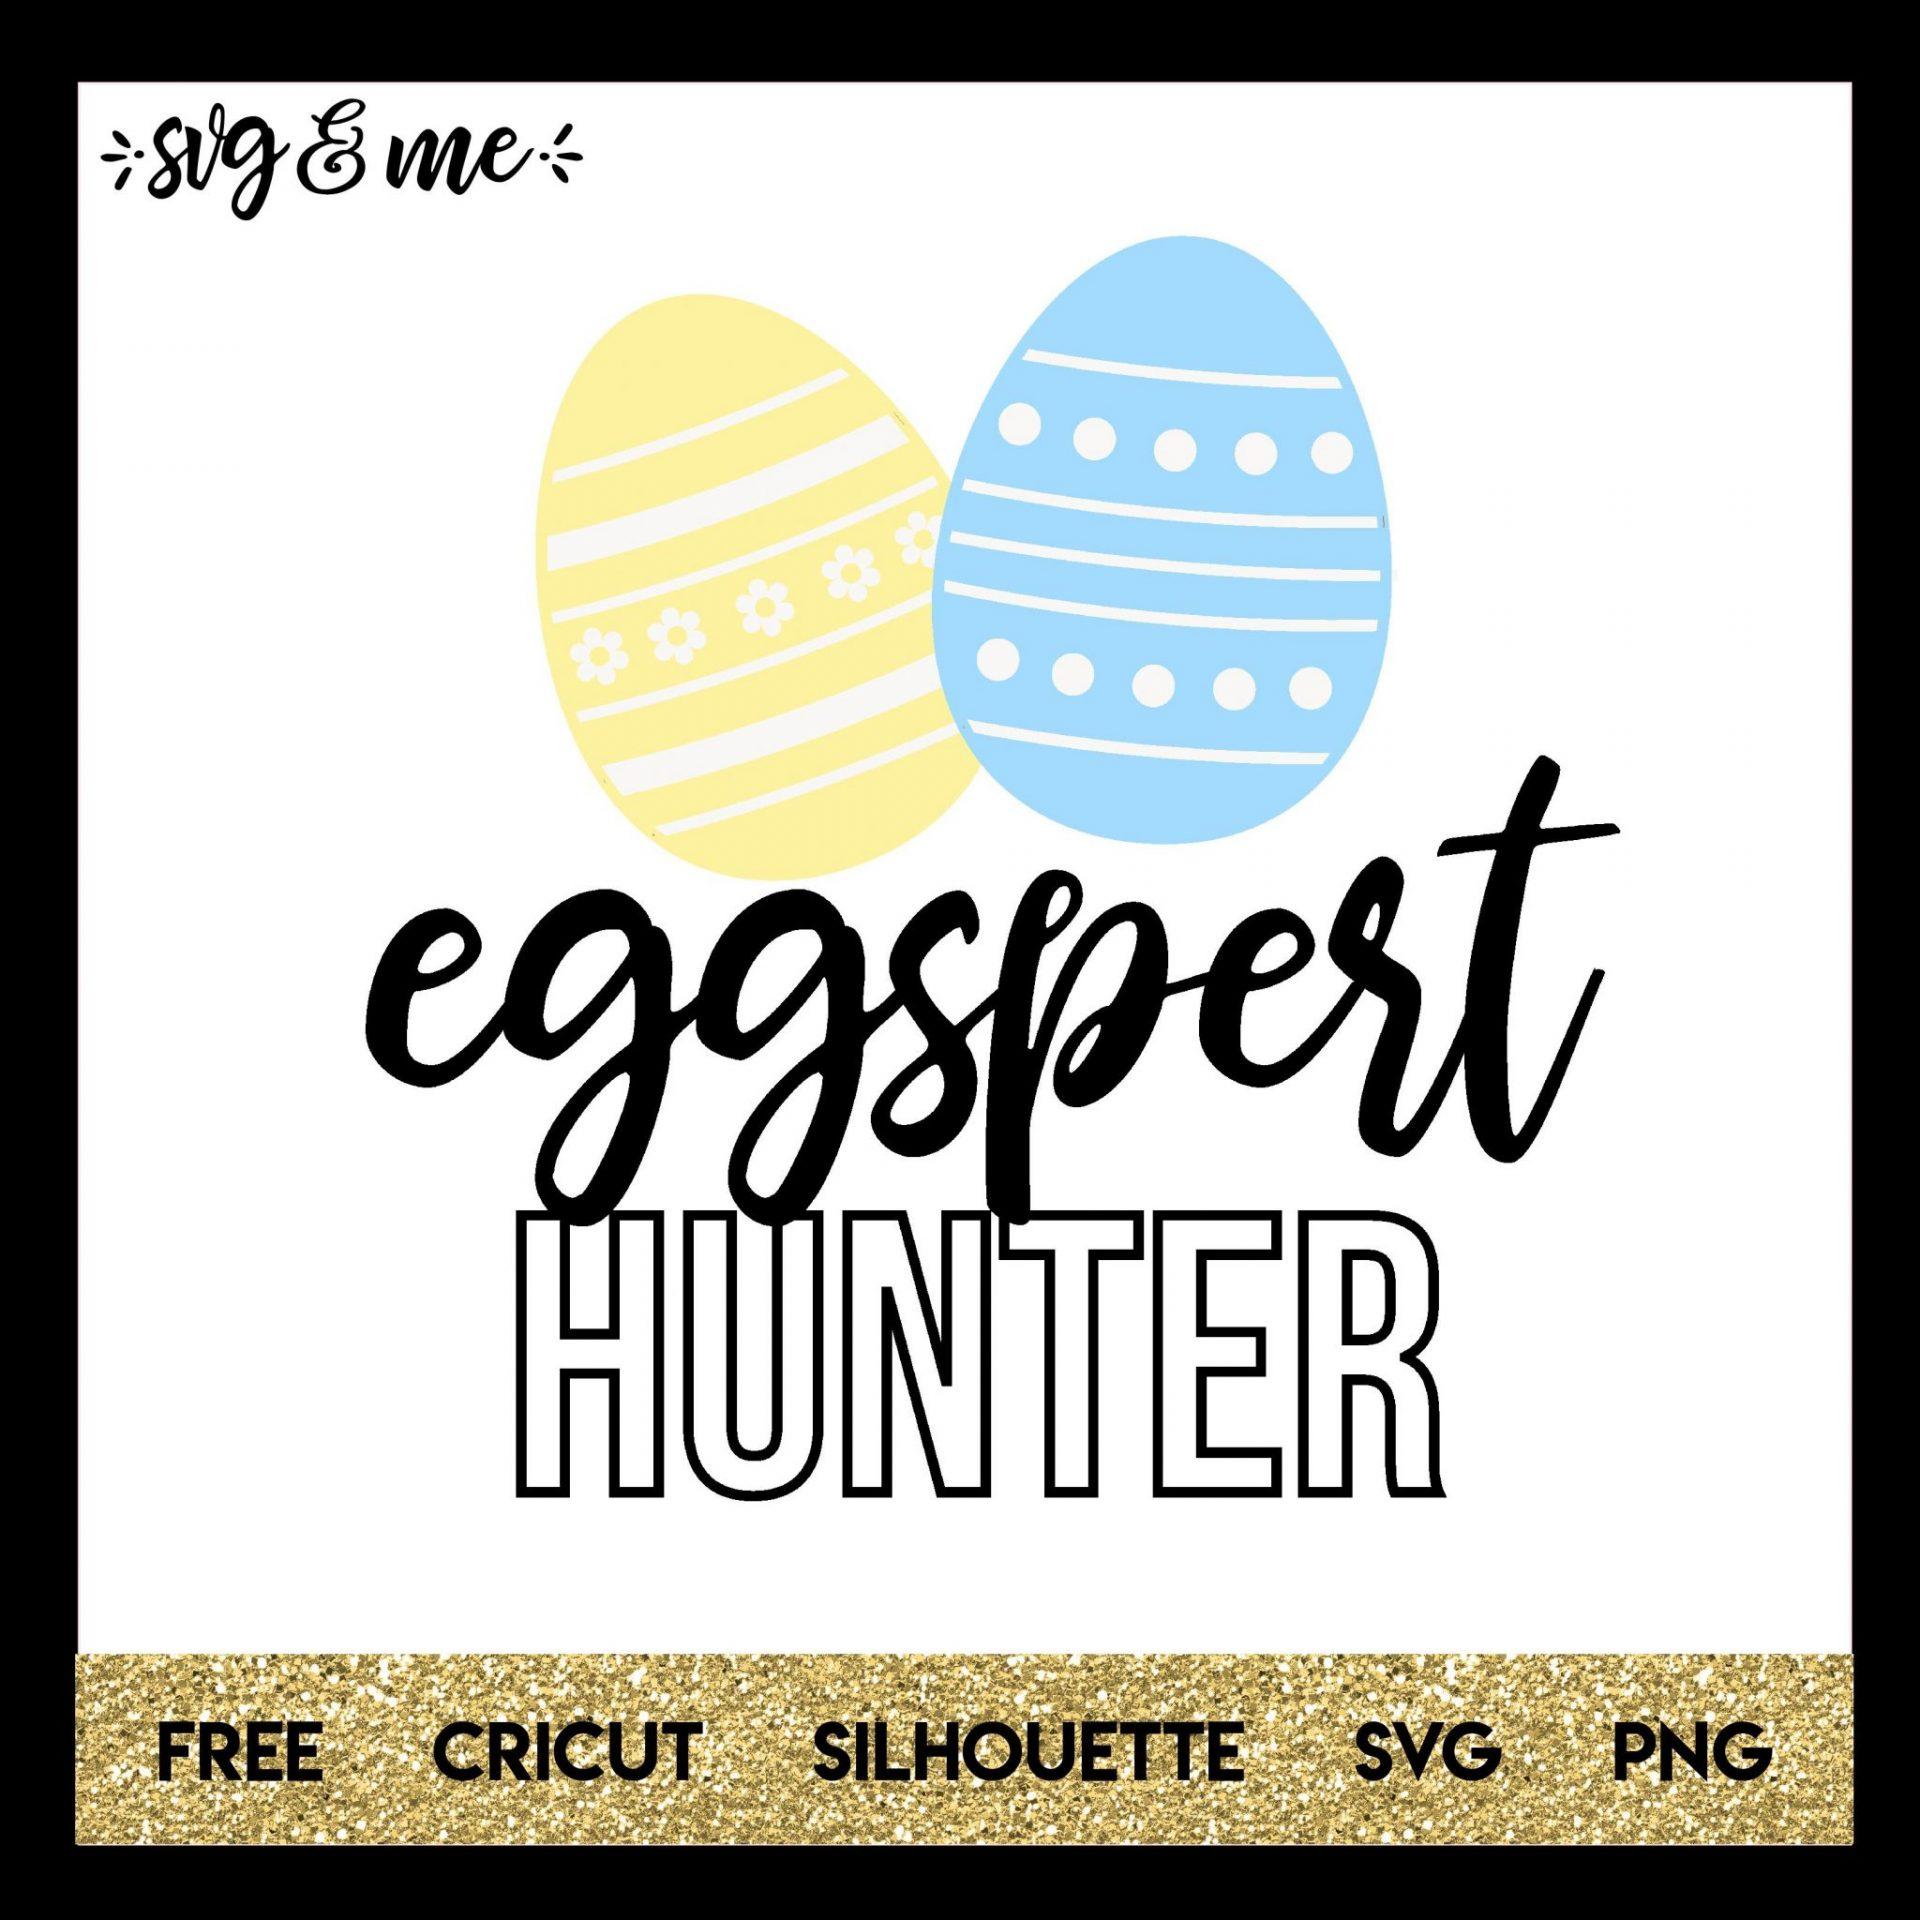 FREE SVG CUT FILE for Cricut, Silhouette and more - Eggspert Easter Egg Hunter